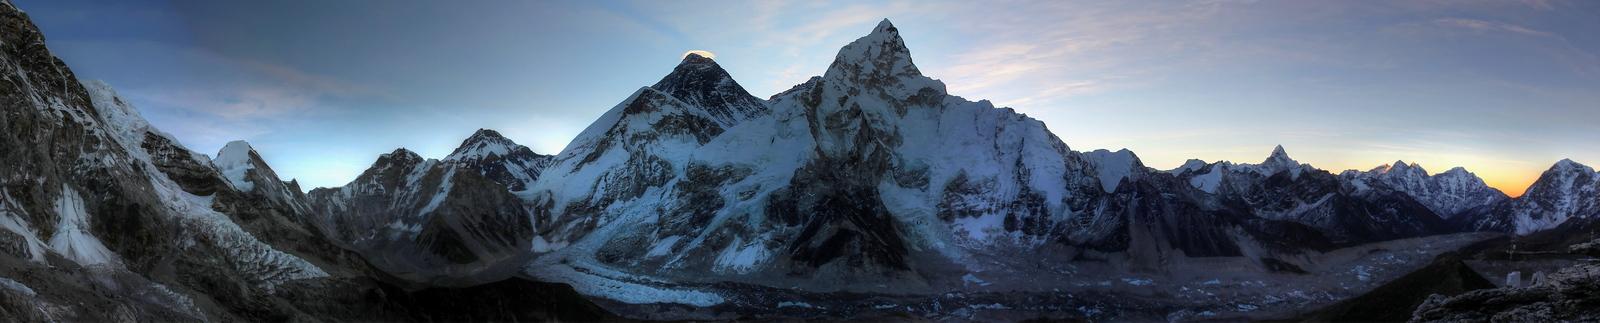 Mount Everest & Khumbu Sunrise Panorama